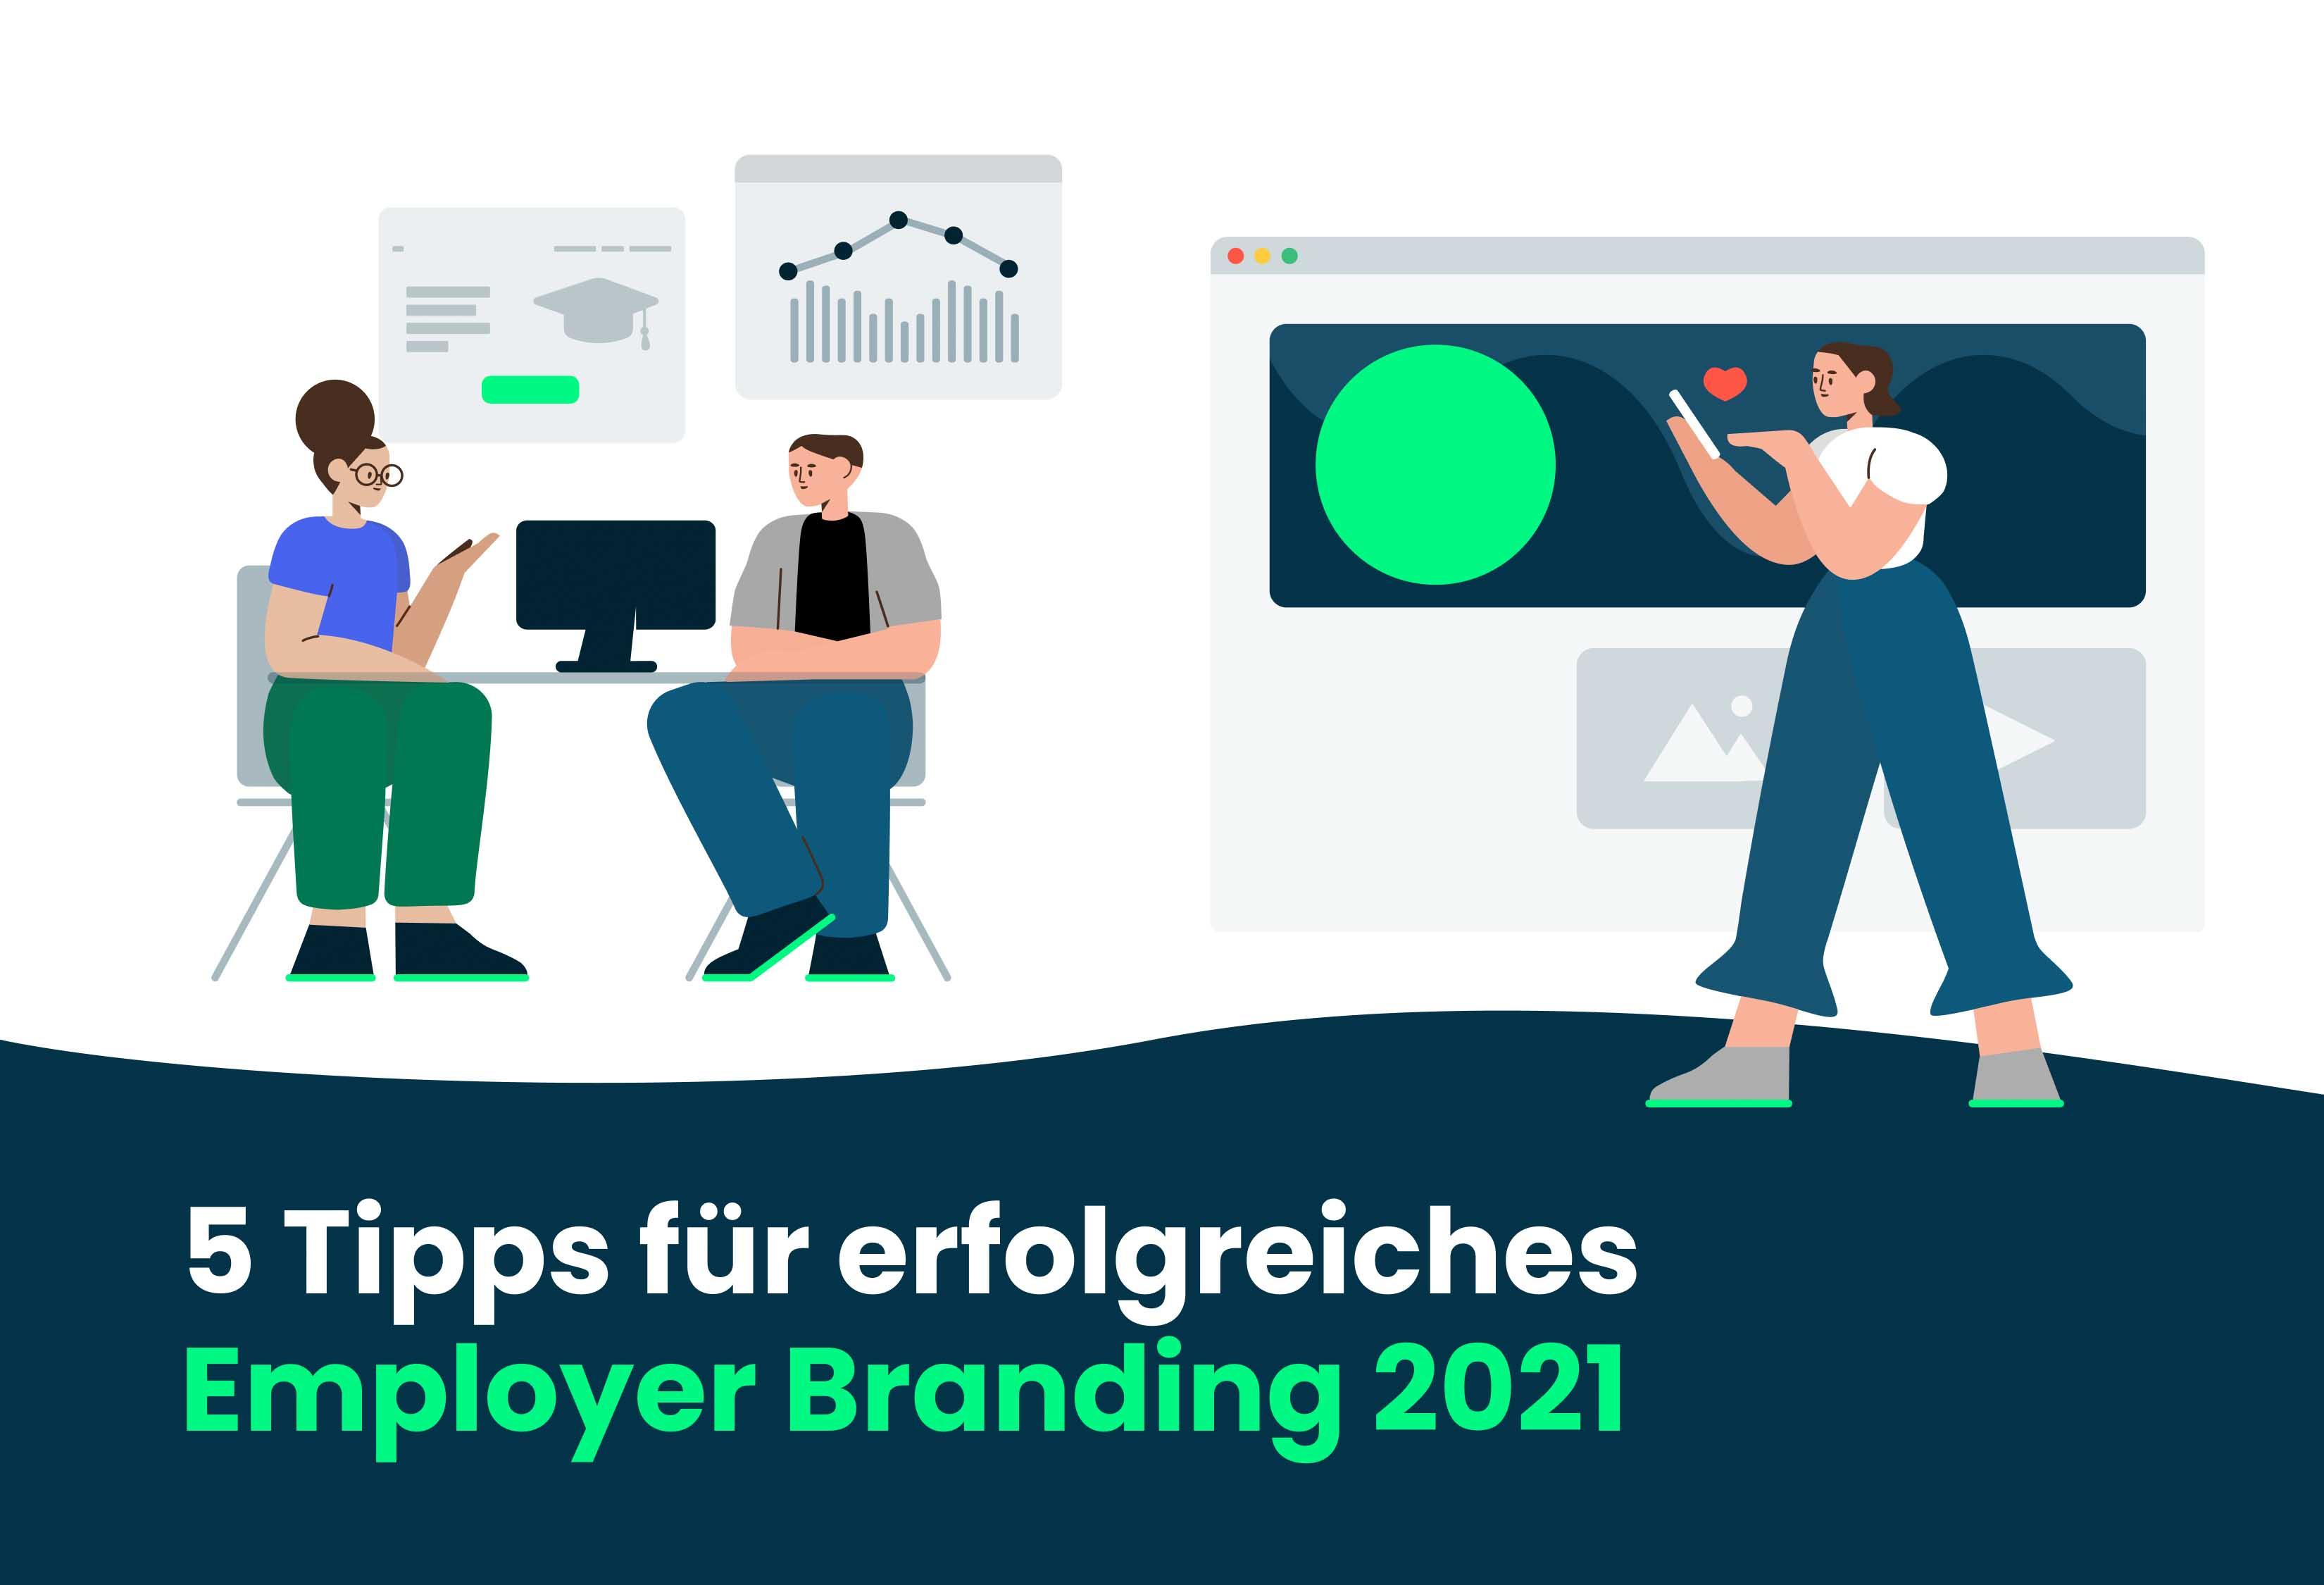 5 Tipps für erfolgreiches Employer Branding 2021